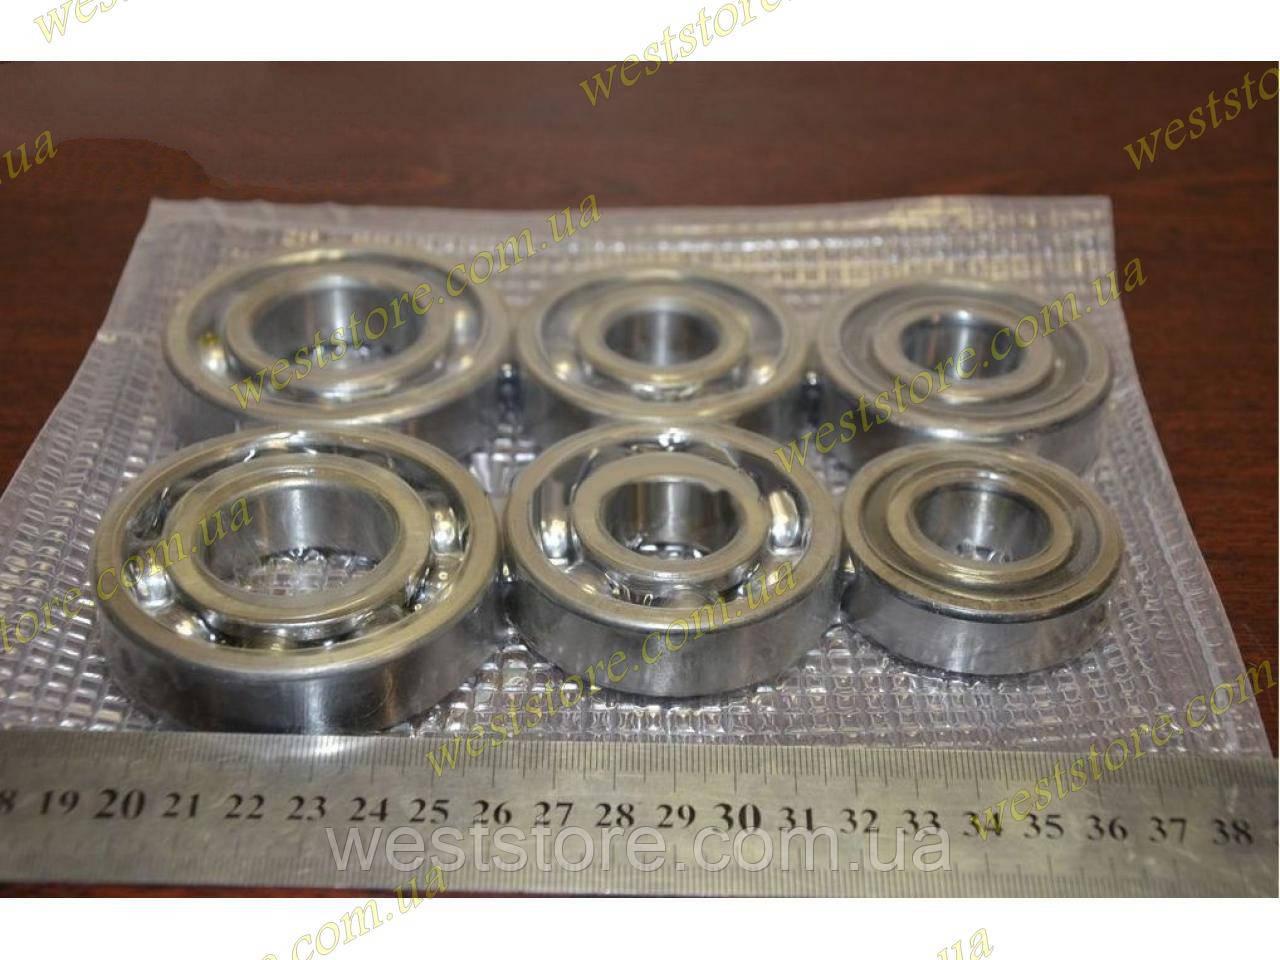 Комплект подшипников КПП Заз 1102 1103 таврия славута старого образца (29305 без втулки) (6 штук)